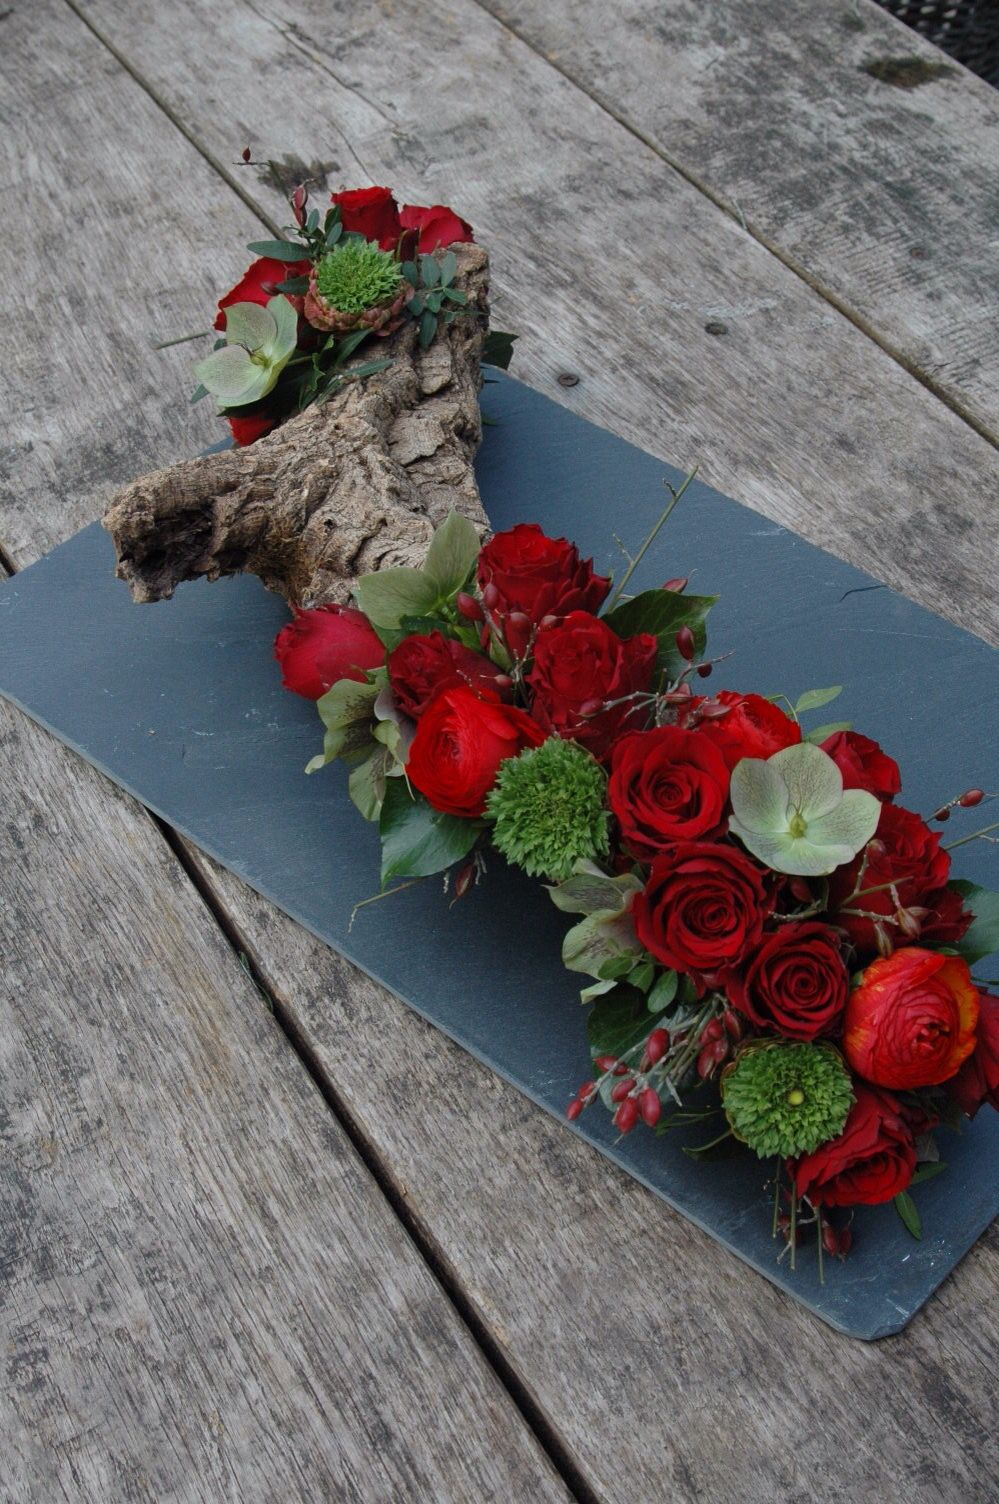 grabgestaltung ideen trauerfloristik grabschmuck f r allerheiligen gesteck mit blumen floral. Black Bedroom Furniture Sets. Home Design Ideas